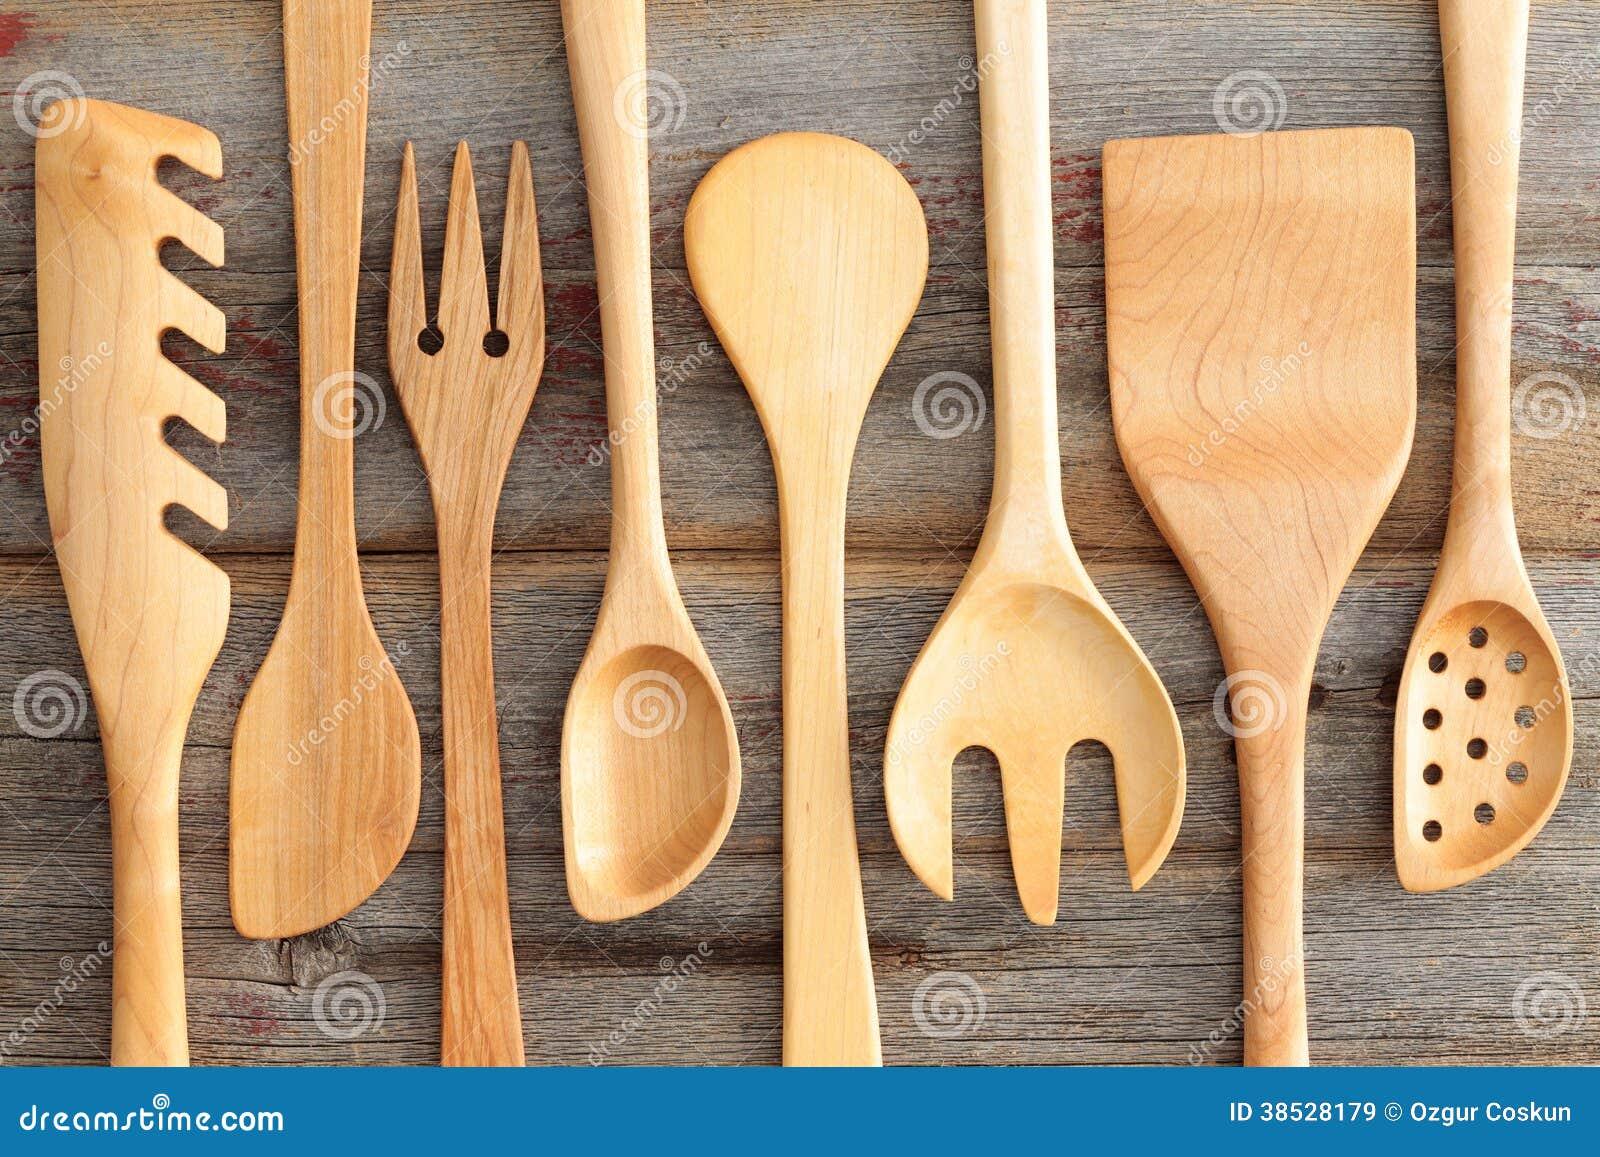 Utensilios De Cocina De Madera | Sistema De Utensilios Handcrafted De Madera Rusticos De La Cocina